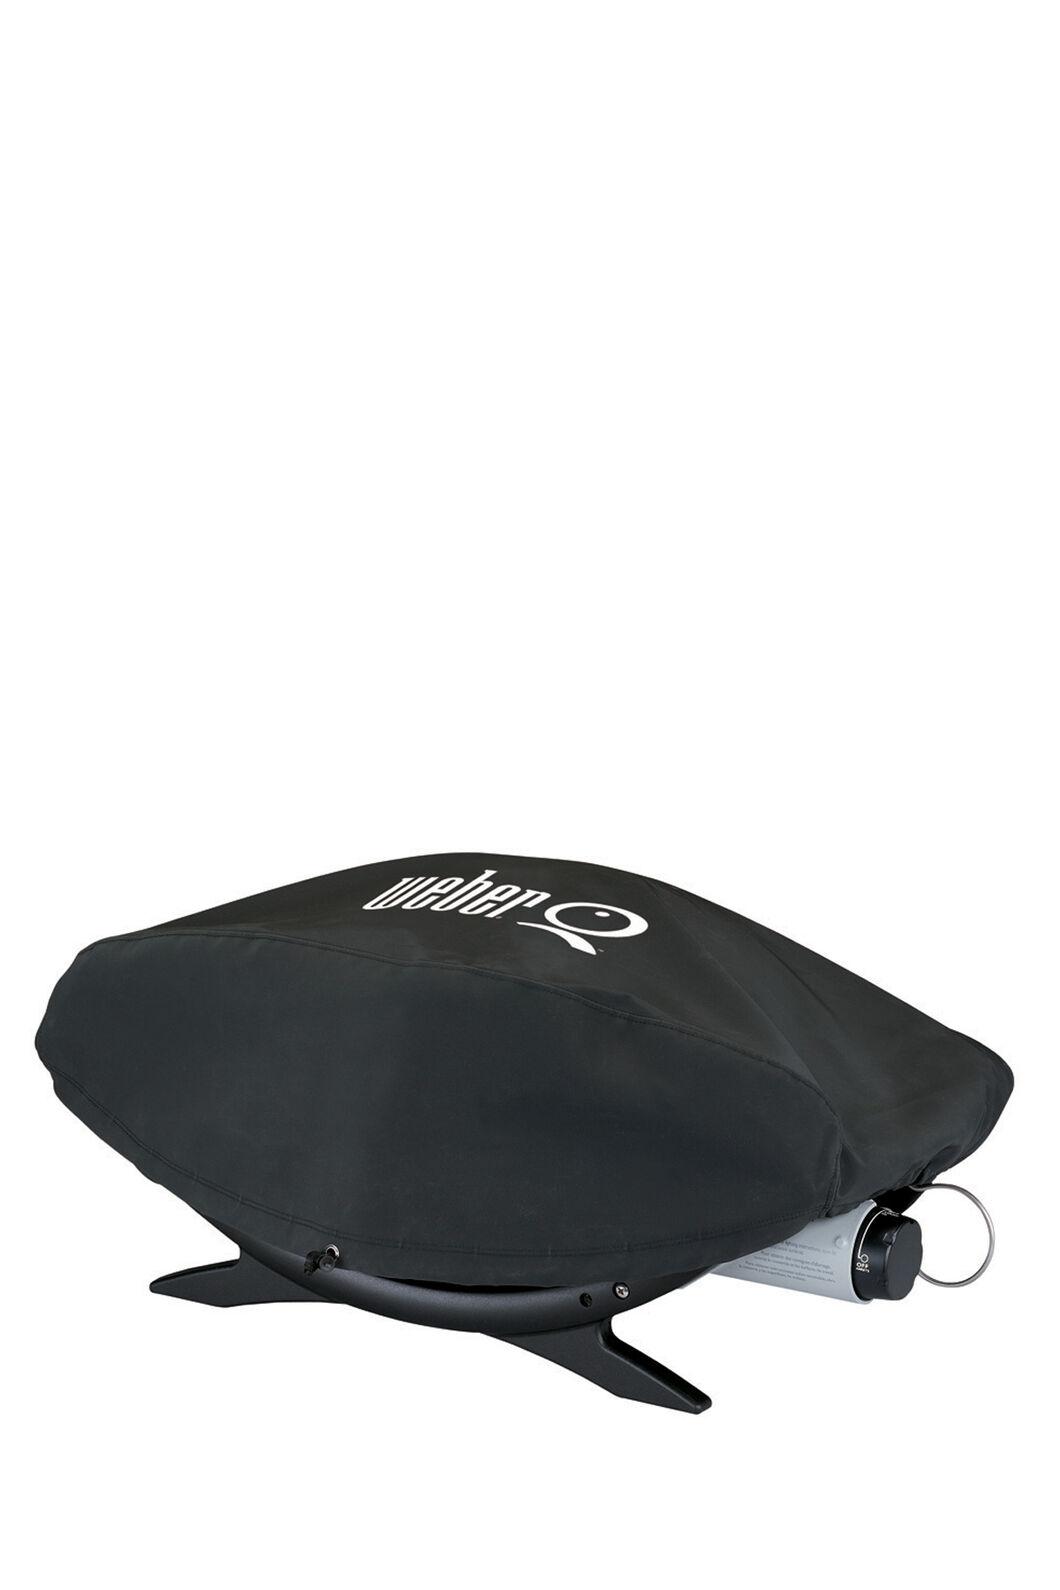 Weber Q2000 BBQ Cover, None, hi-res